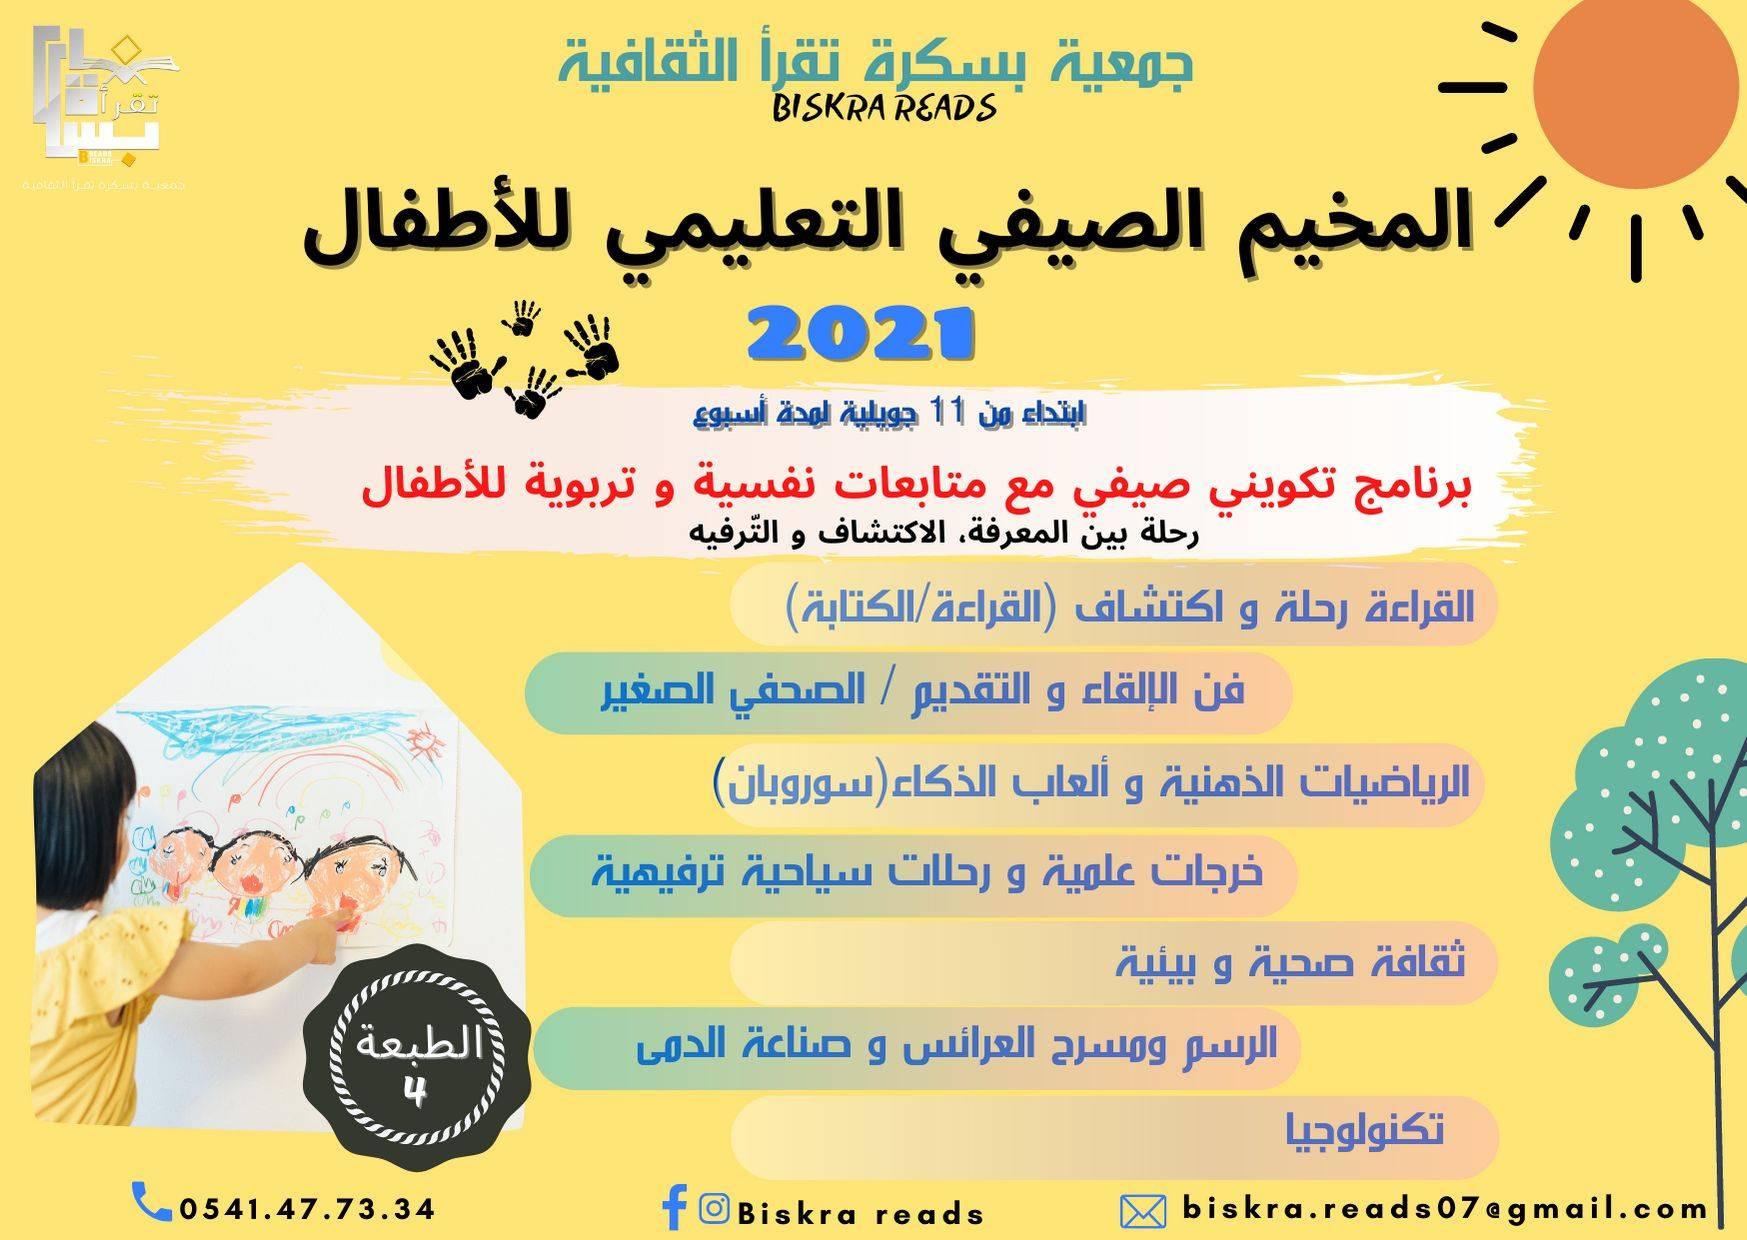 التسجيل في الطبعة الرابعة للمخيم الصيفي التعليمي للأطفال - جمعية بسكرة تقرأ الثقافية